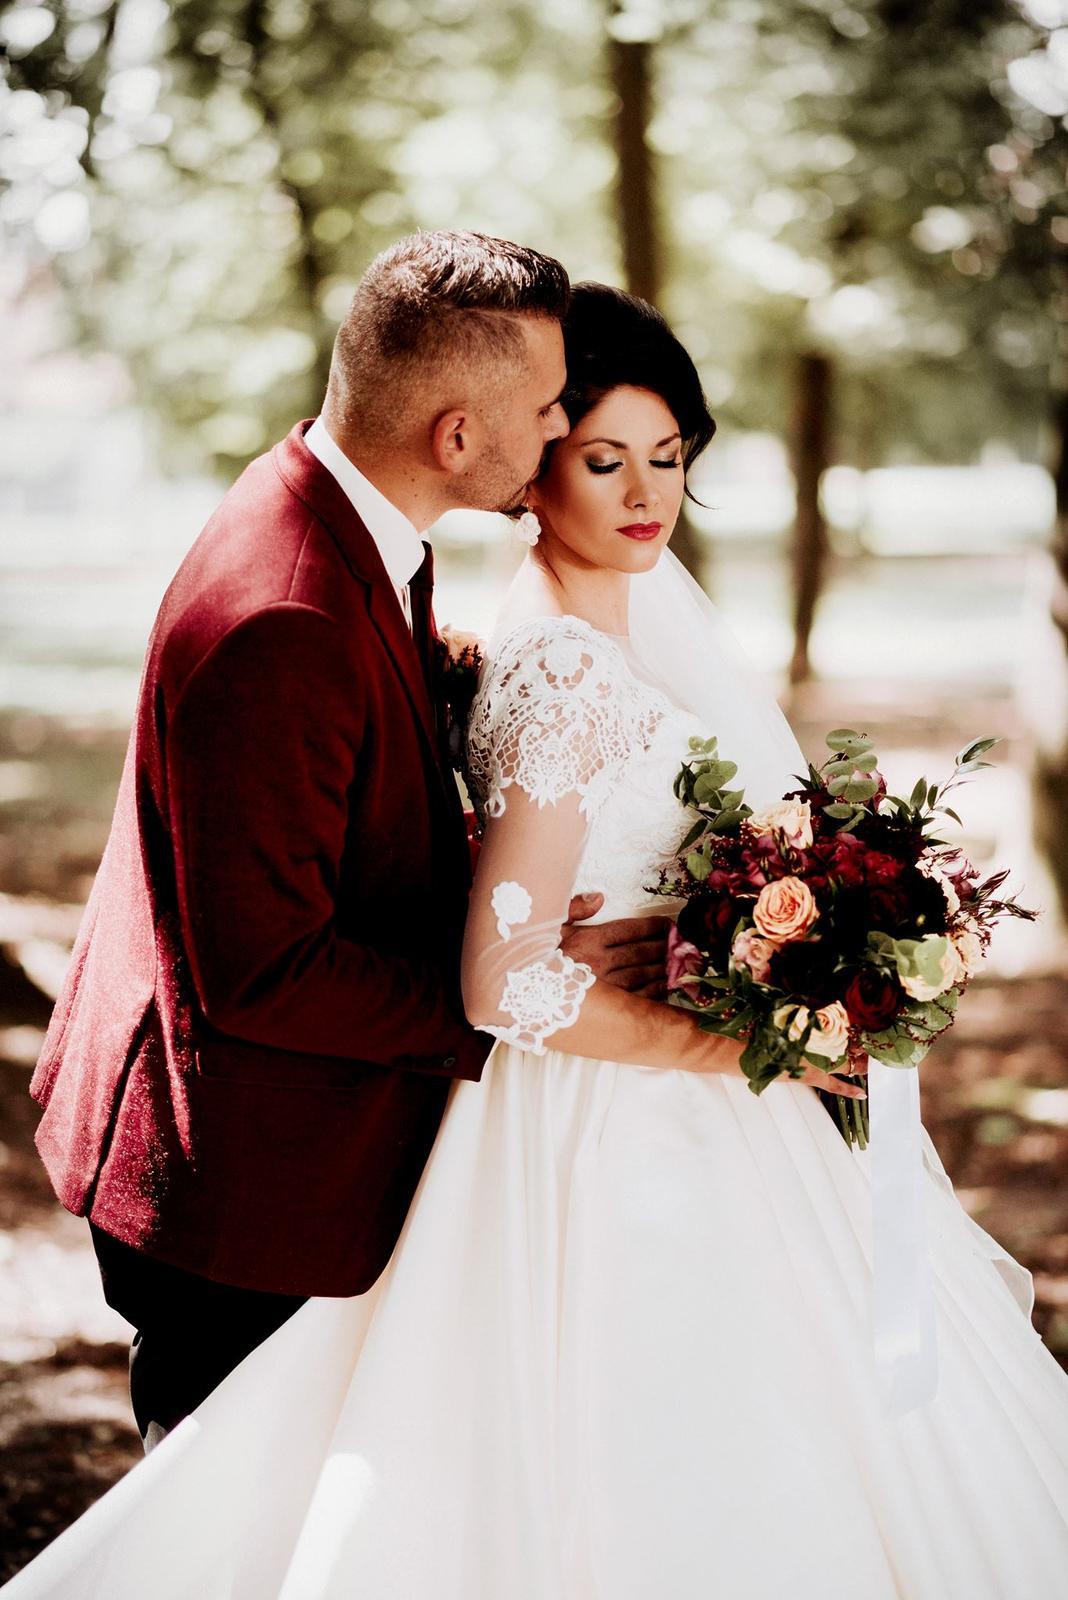 Moje svadobné fotografie - Obrázok č. 7